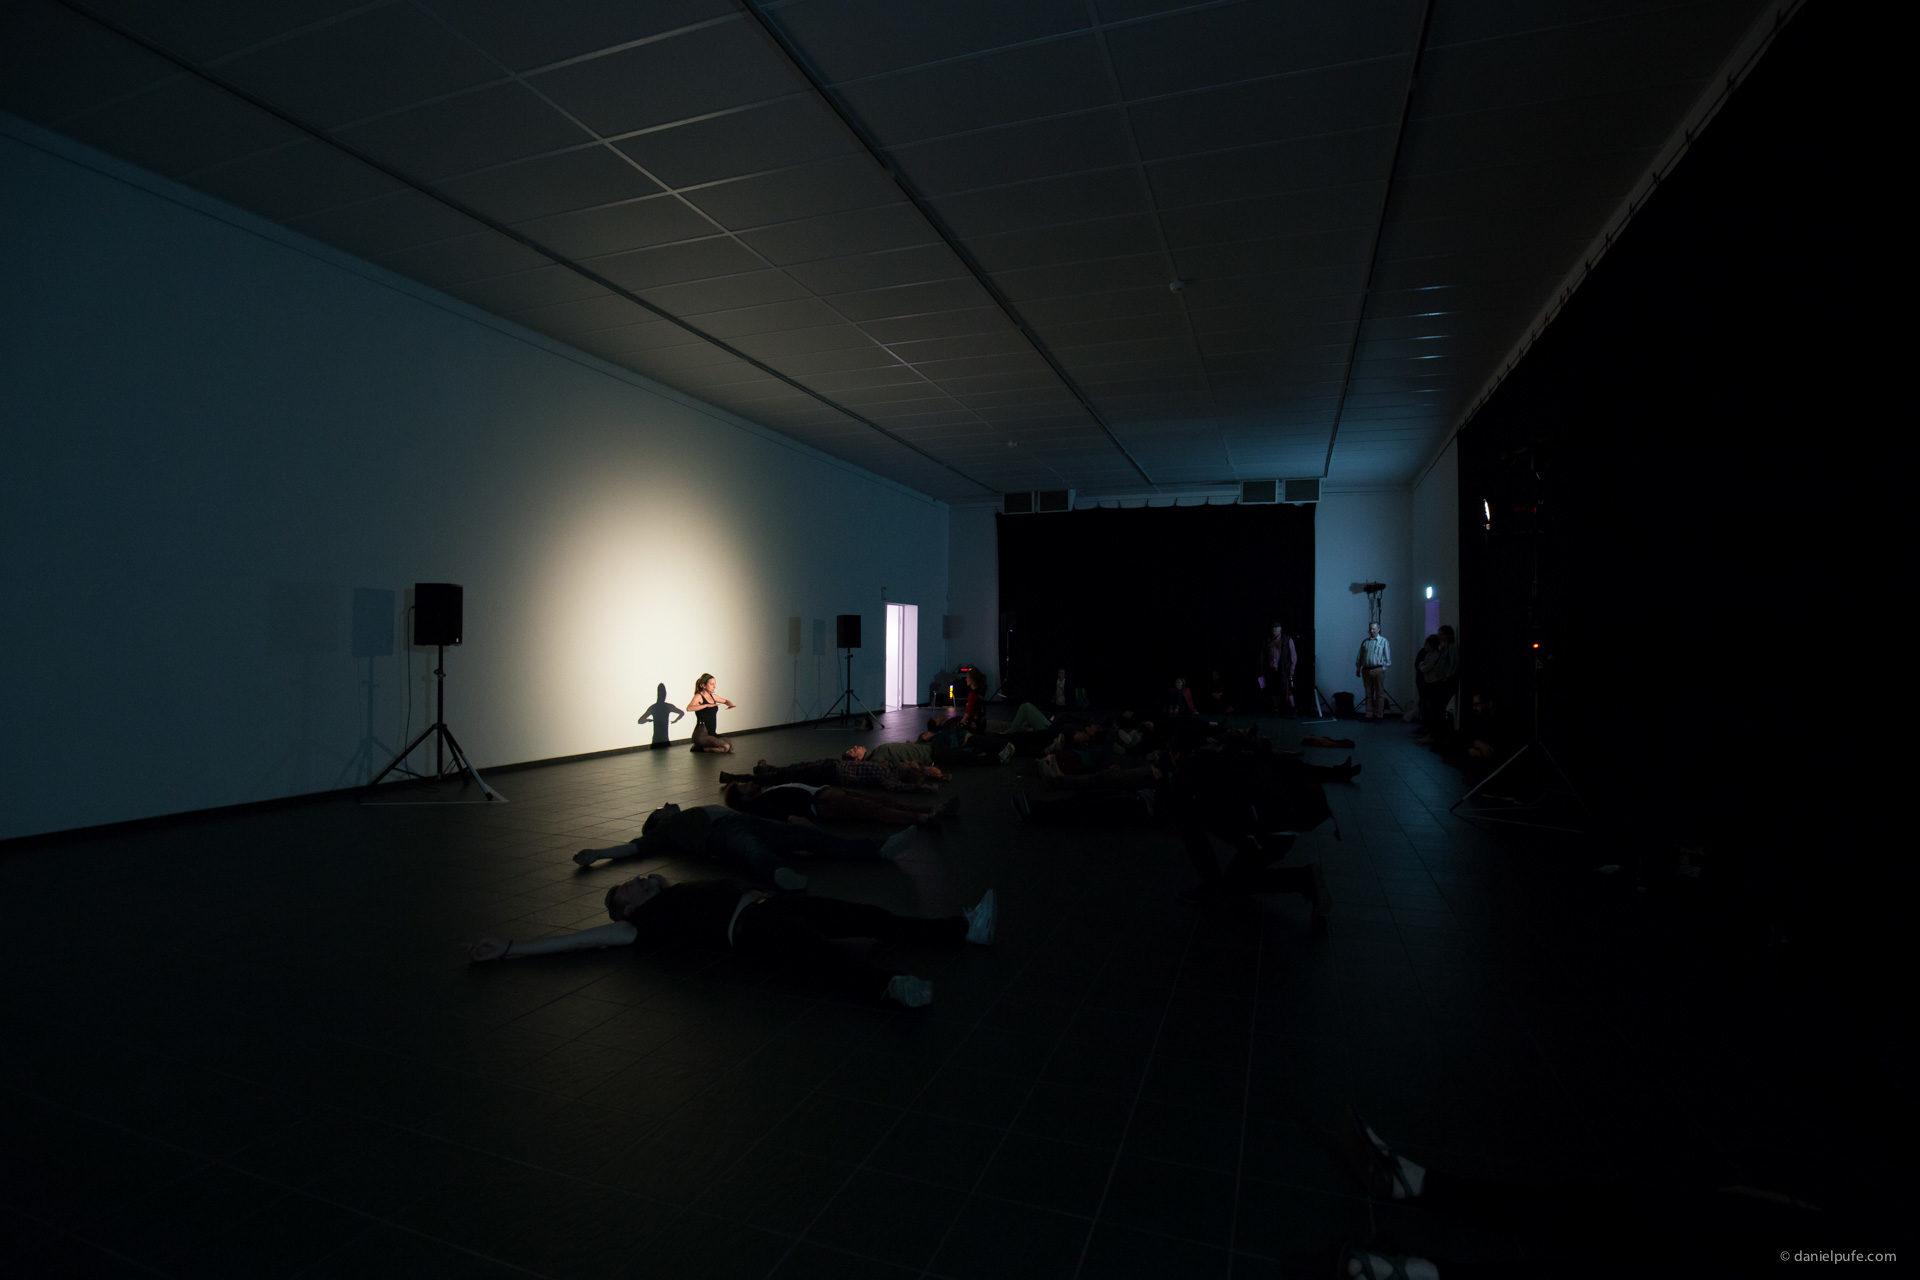 Präsentation - Composer-Performer Workshop - David Helbich - Je